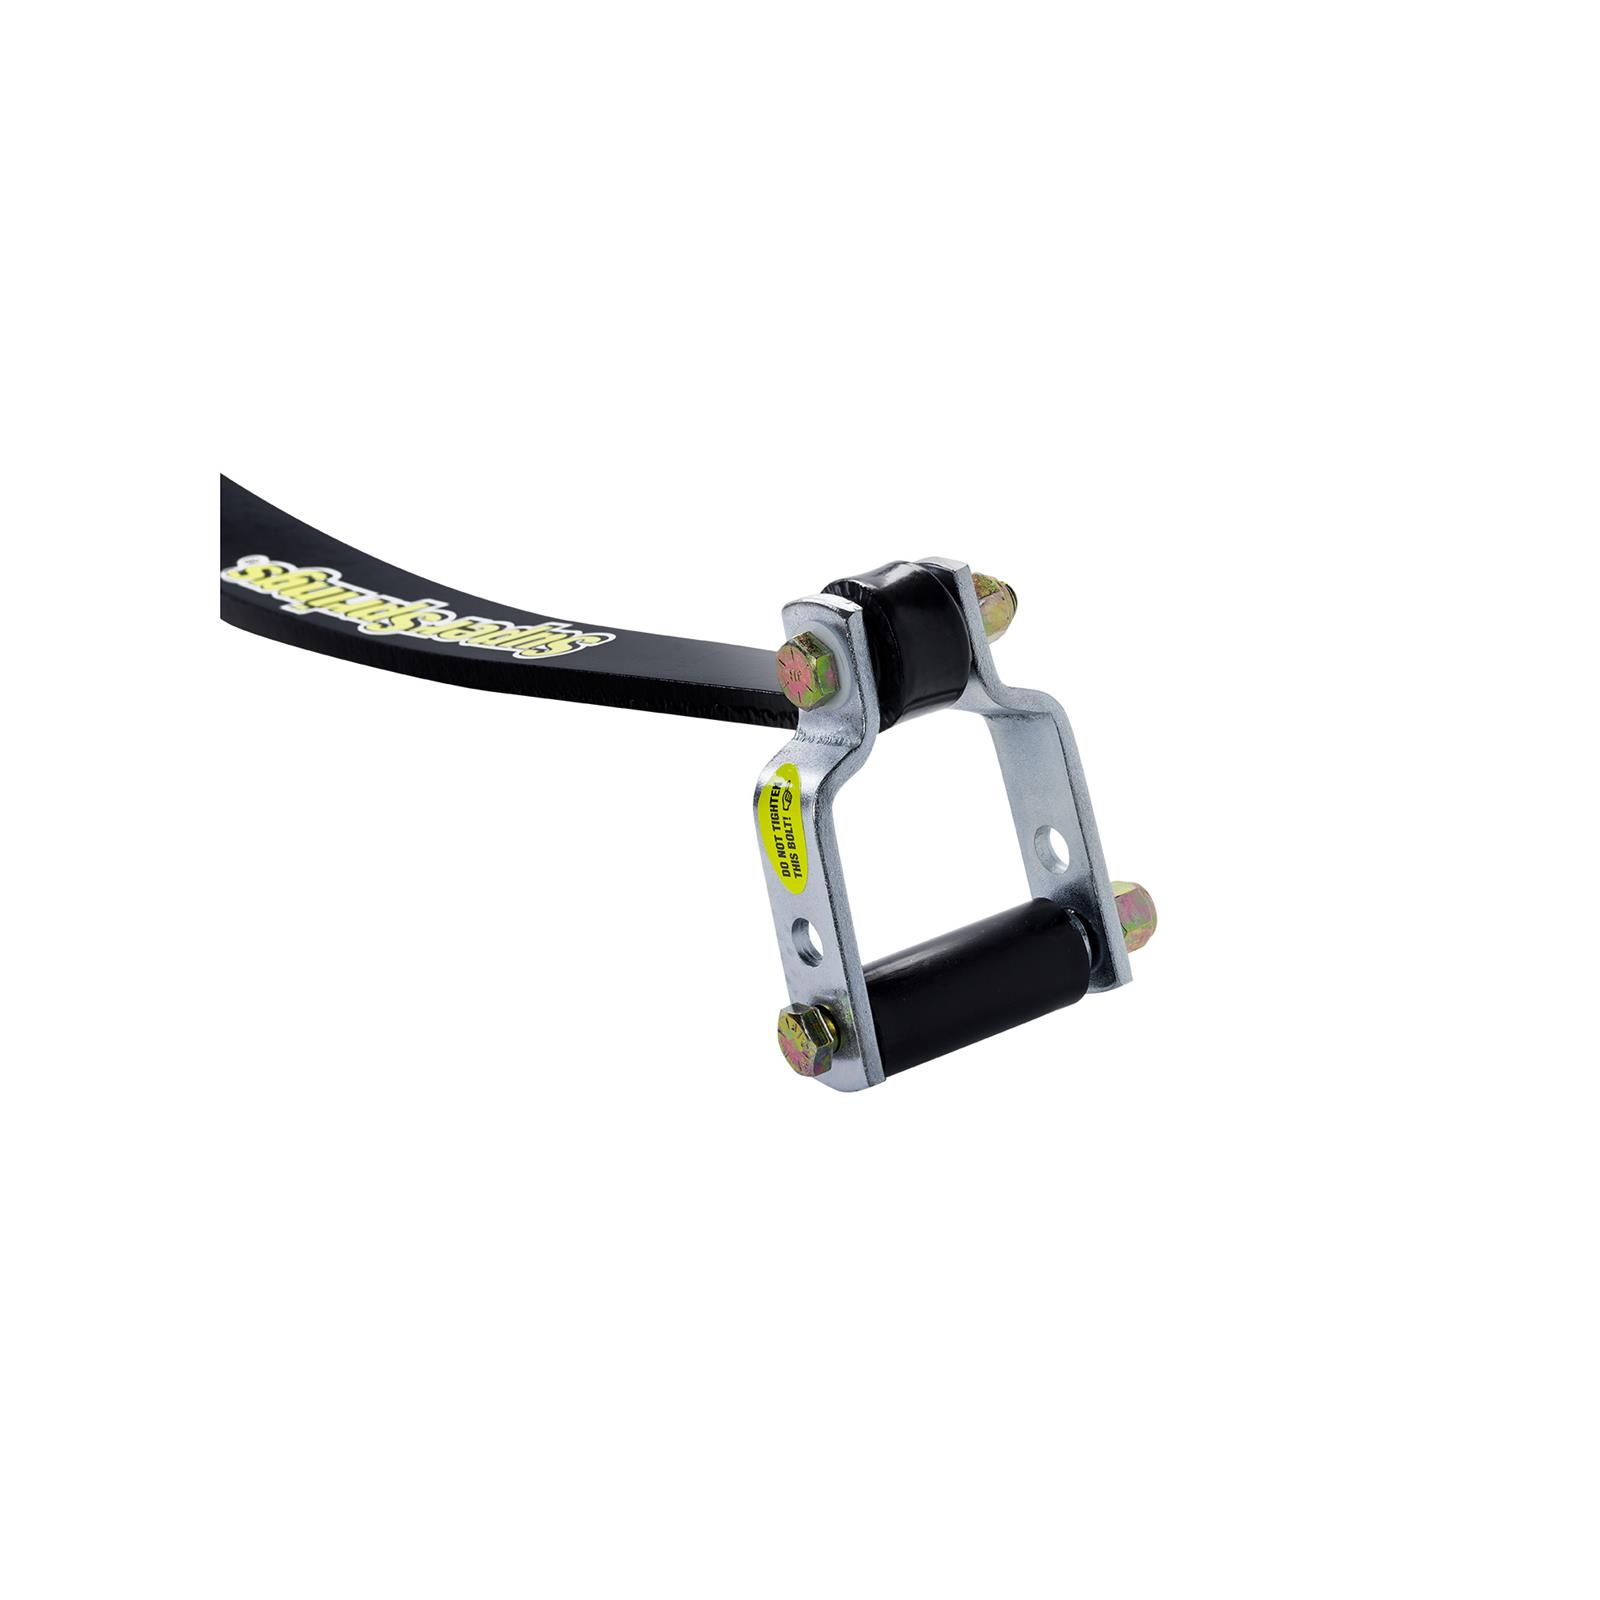 SuperSprings SSA11 Self-Adjusting Leaf Spring Enhancer//Stabilizer